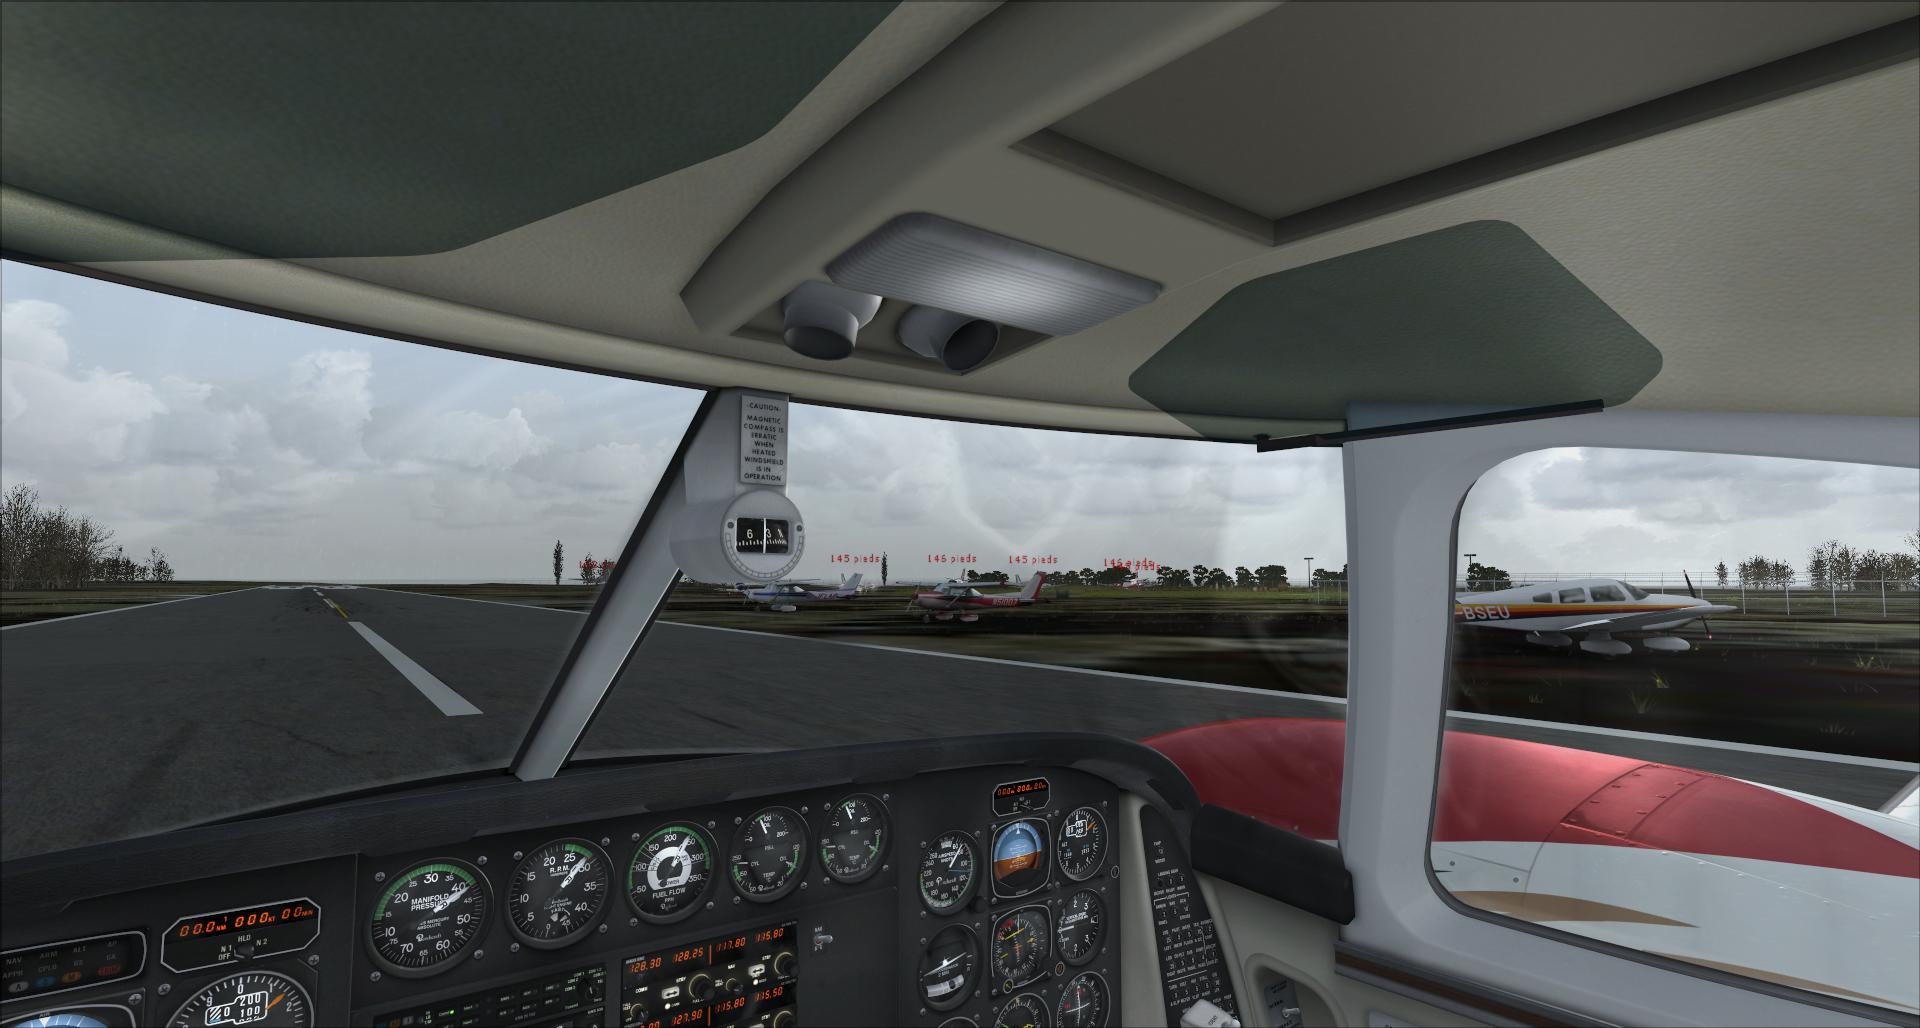 Rapport du vol: Ouessant (LFEC) à Ile de Re (LFBH) 8976352014114203040722